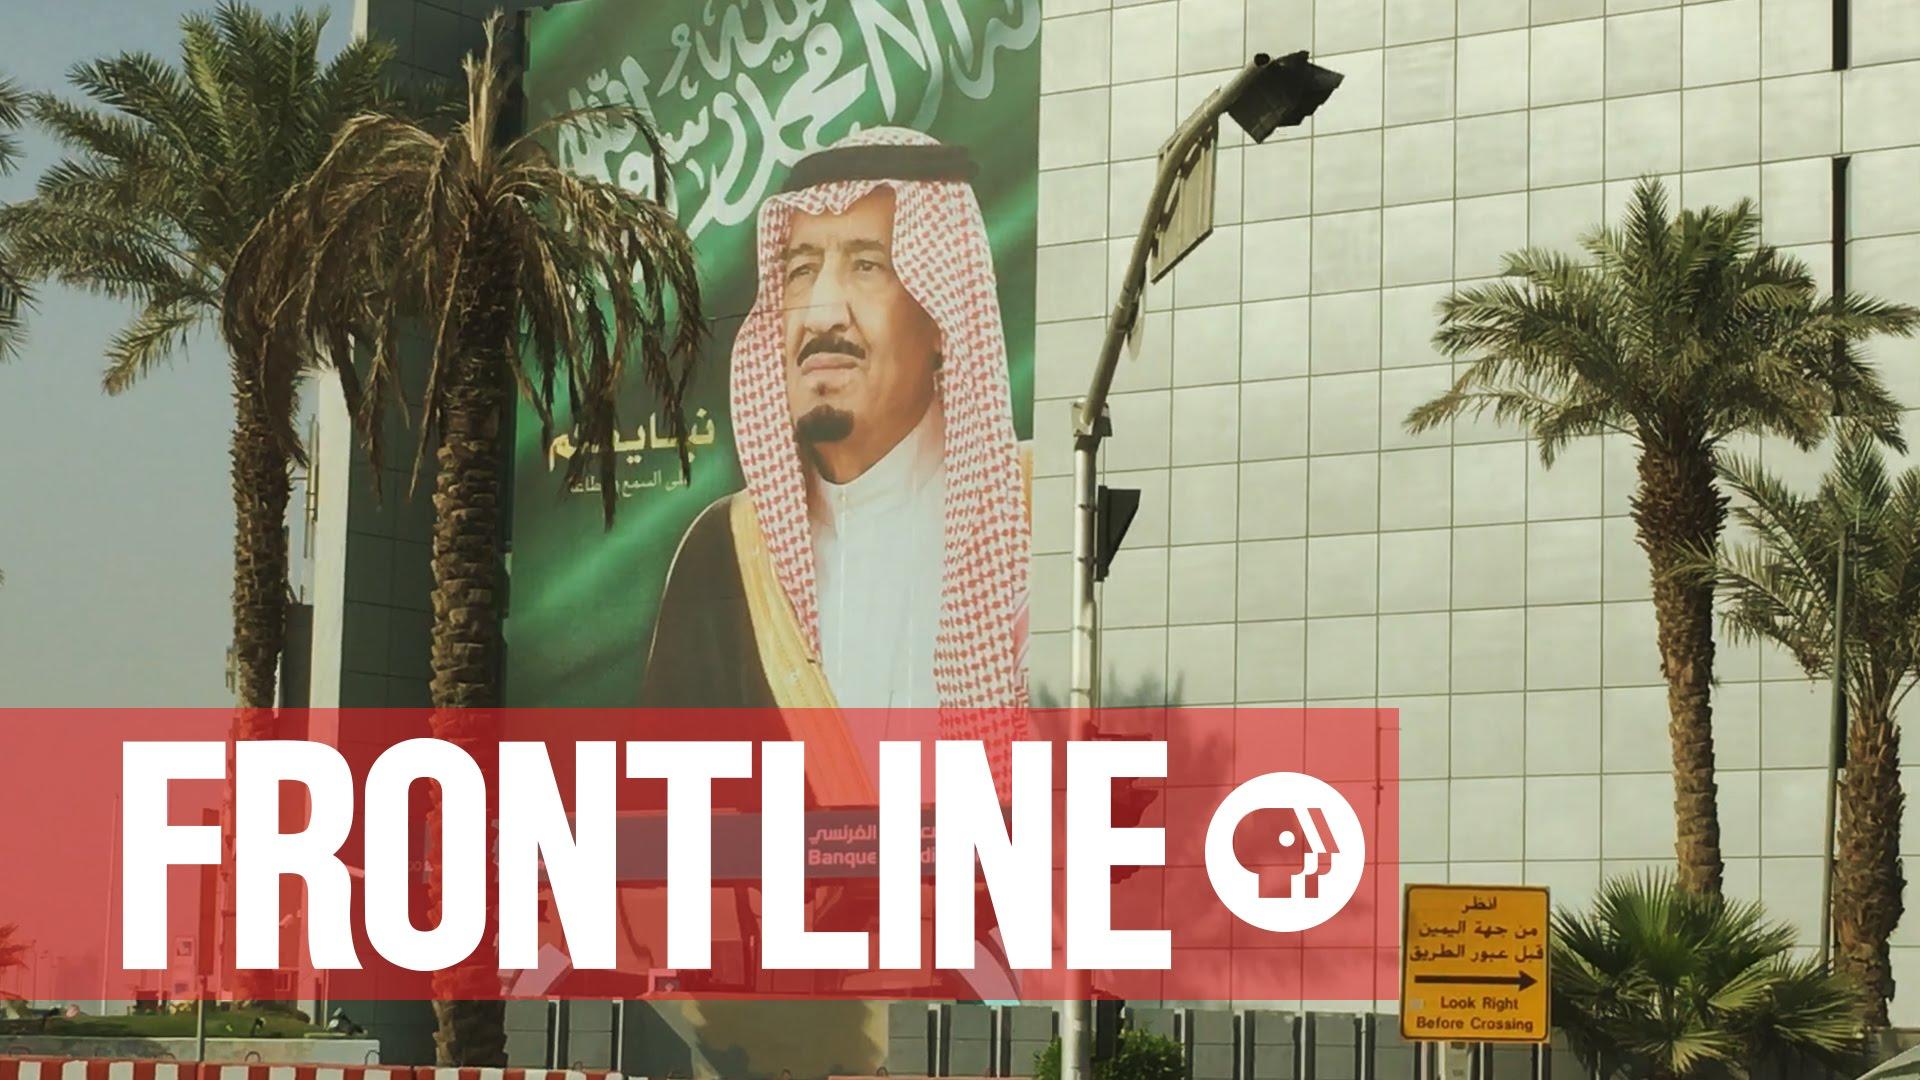 Change comes slowly to Saudi Arabia